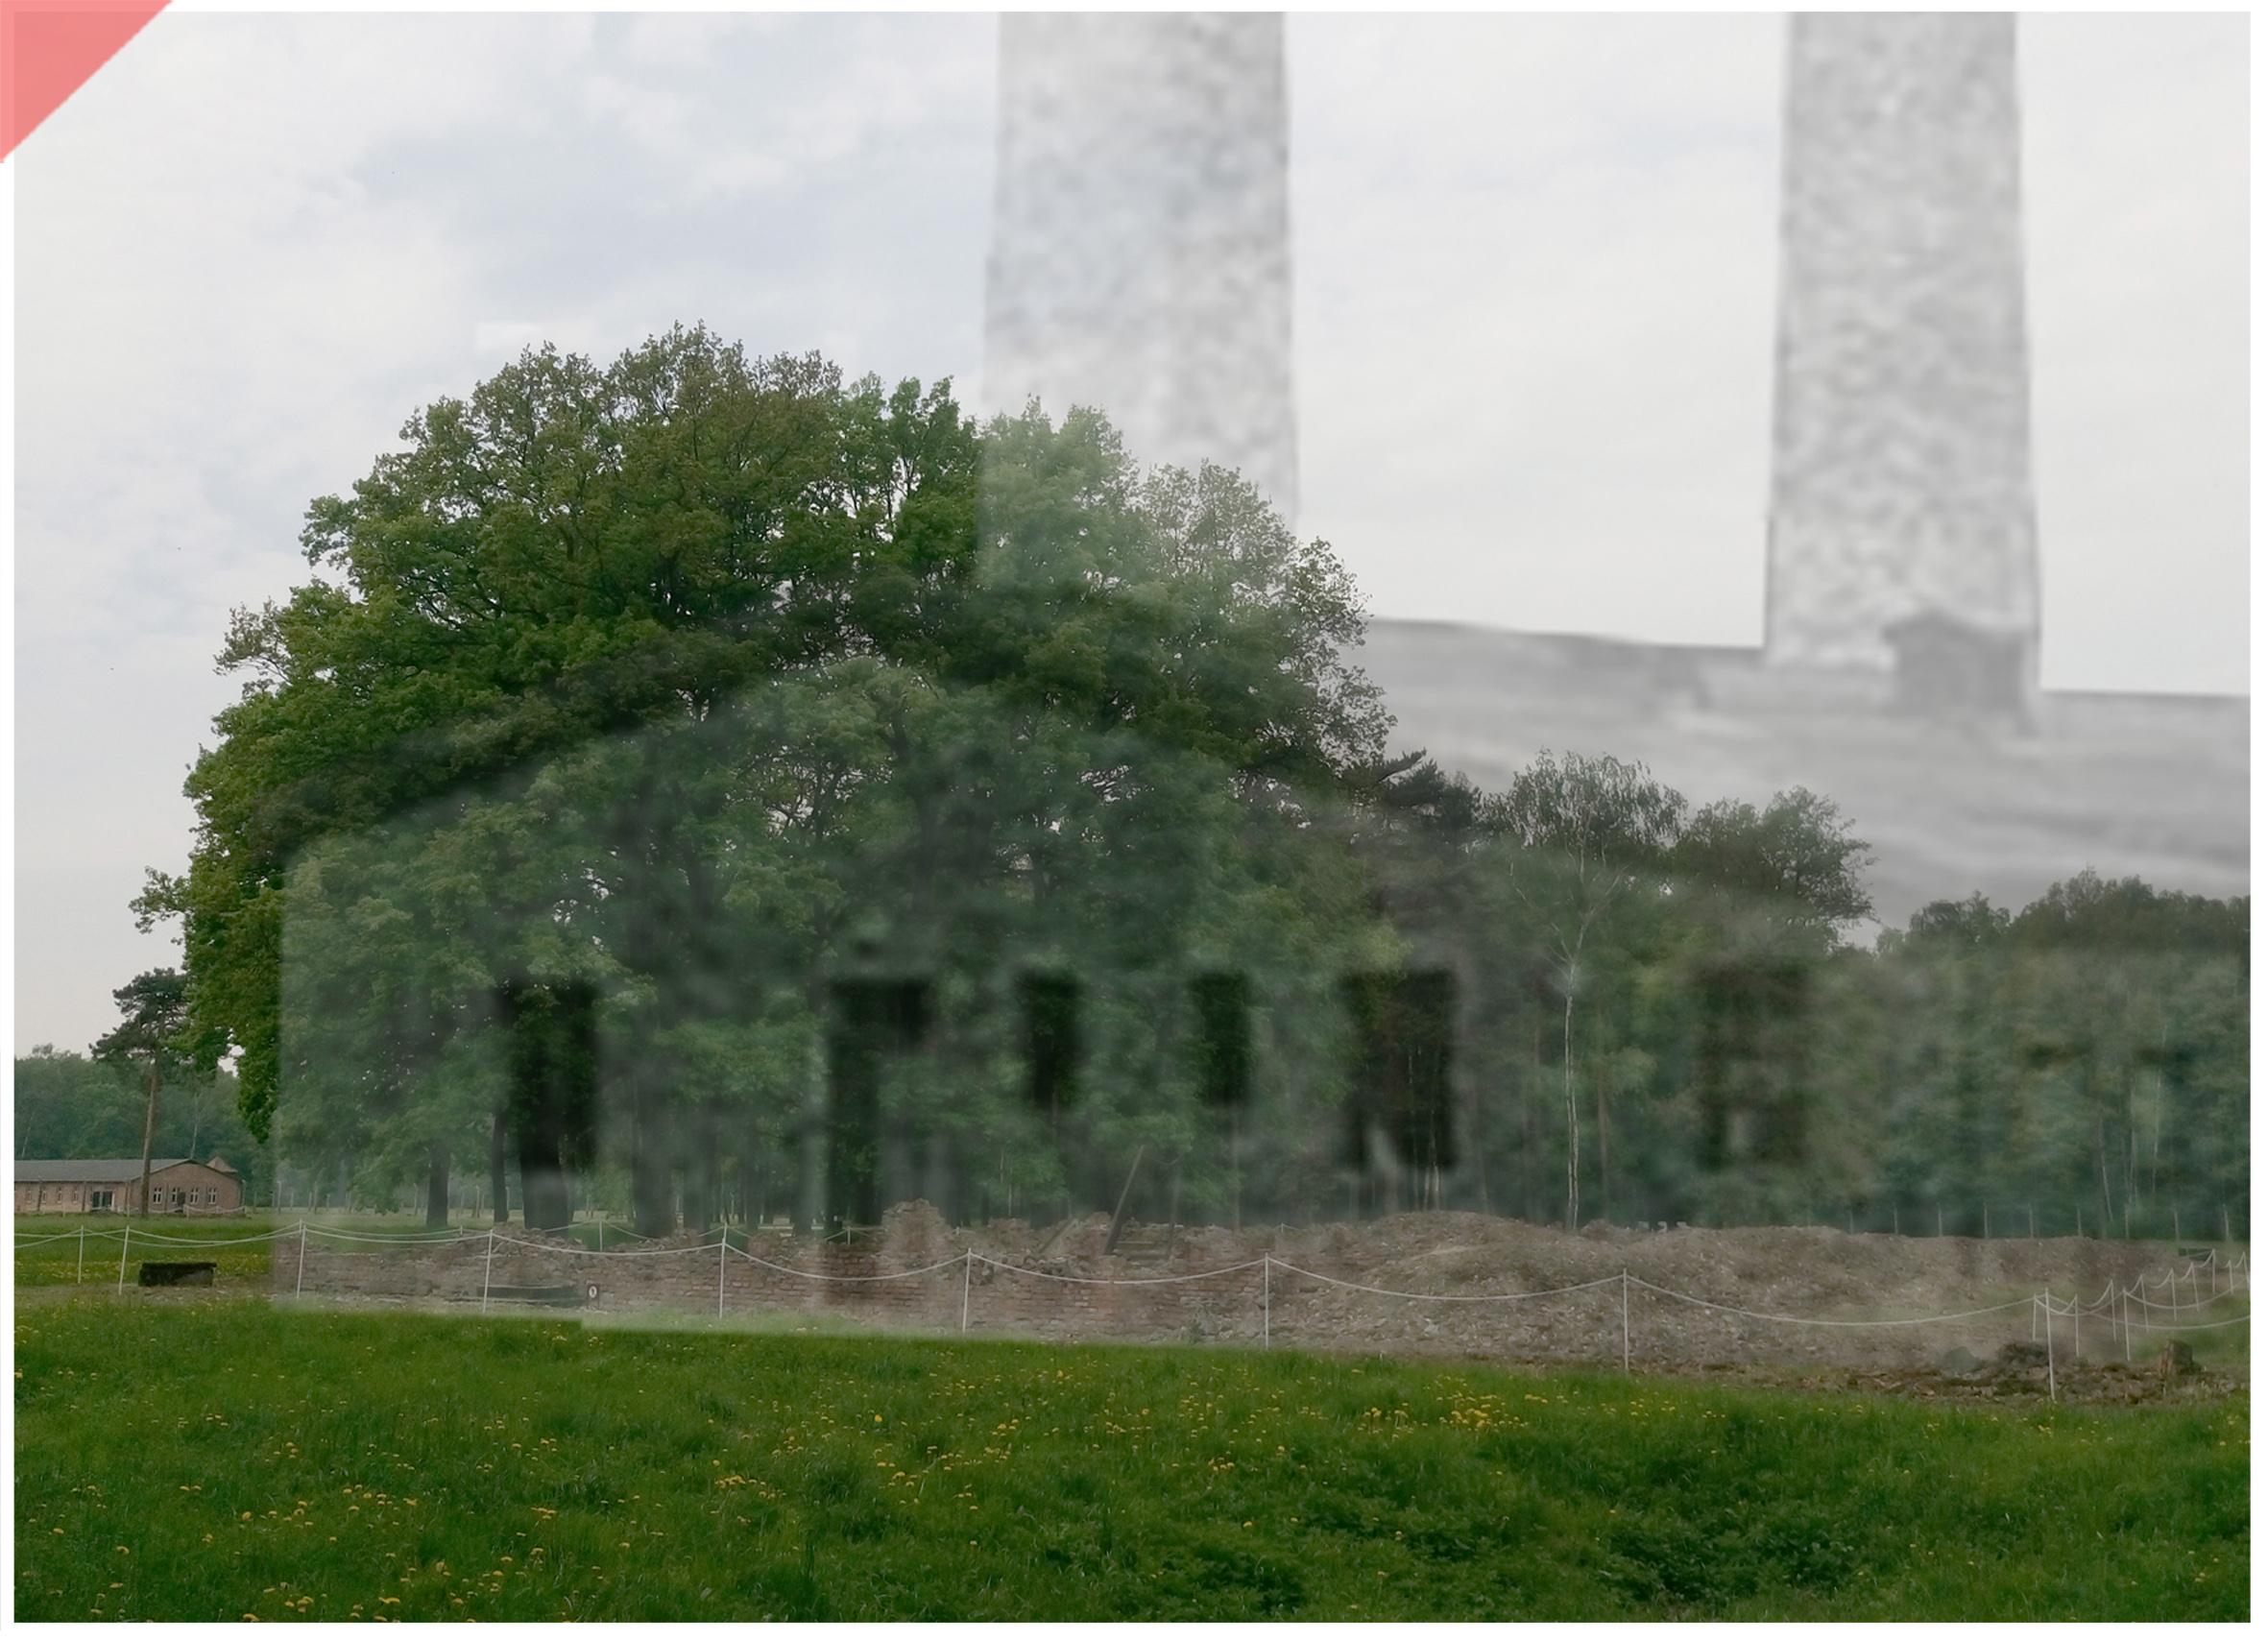 Auschwitz-Birkenau-Krematorium-5-V-superimpose-now-then-1943-1944-Photo